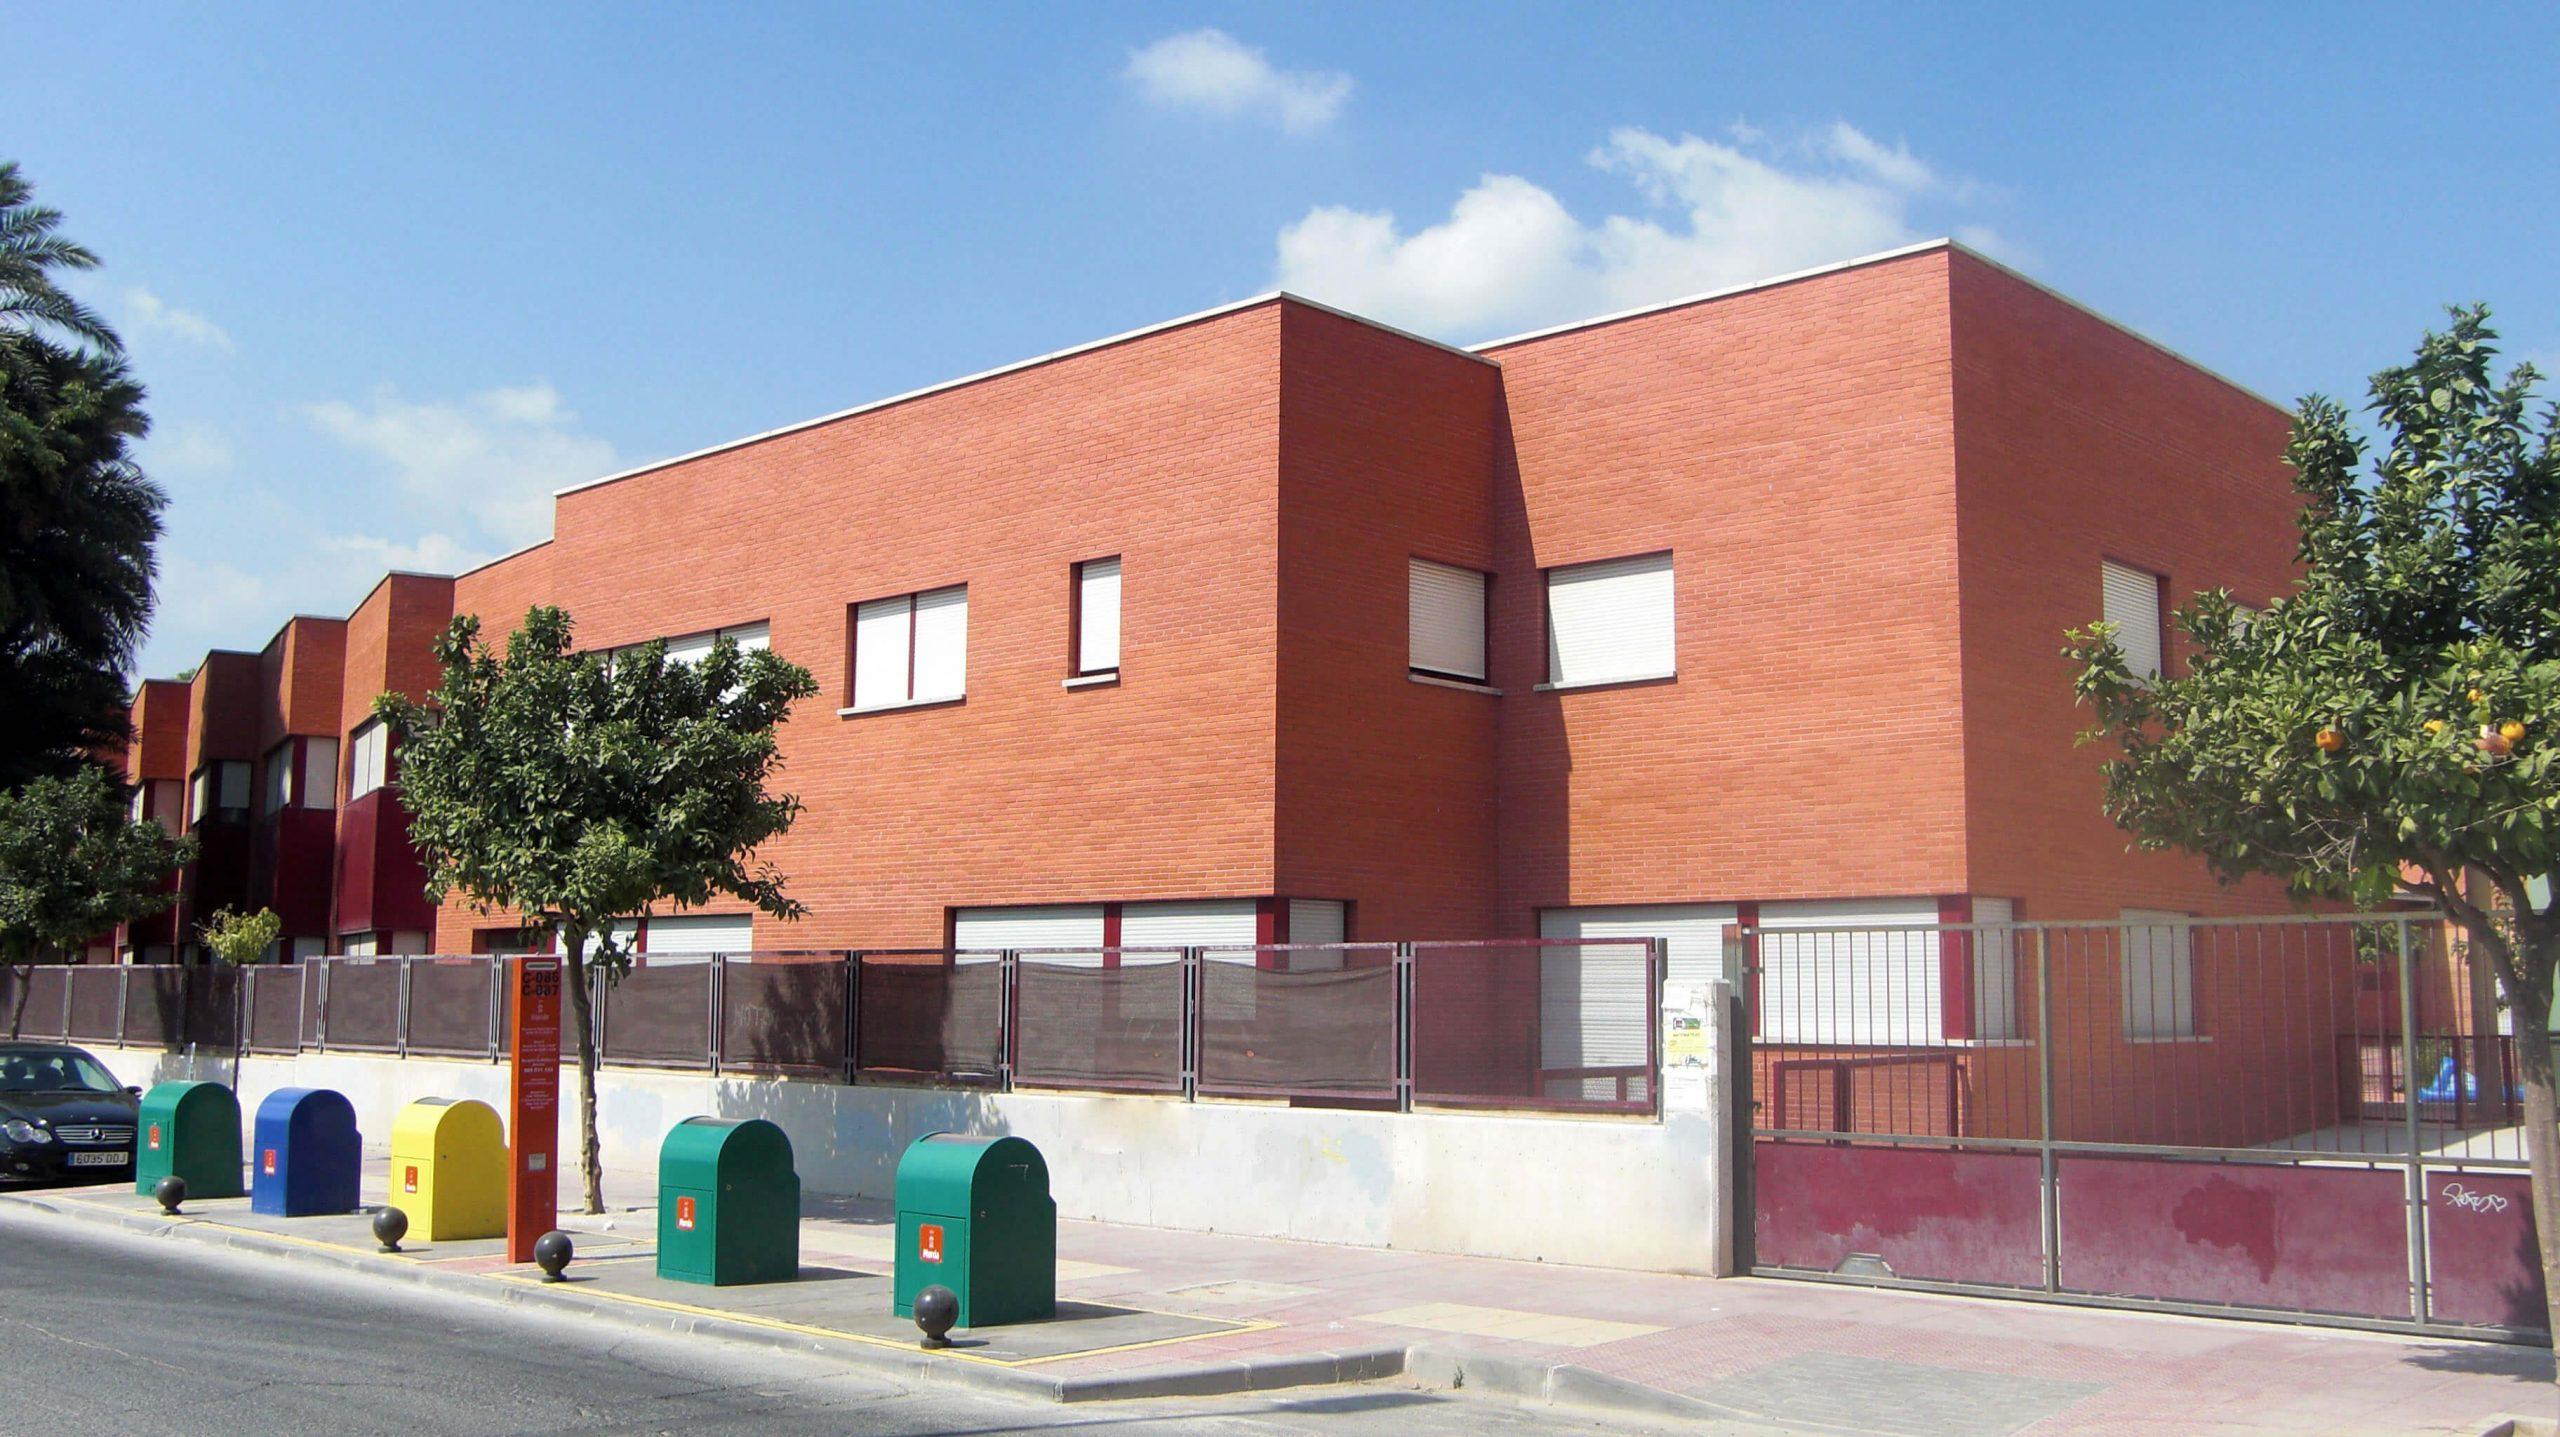 Mumarq Interiorismo y Arquitectura - Arquitectura Colegio Gabriel Pérez Carcel